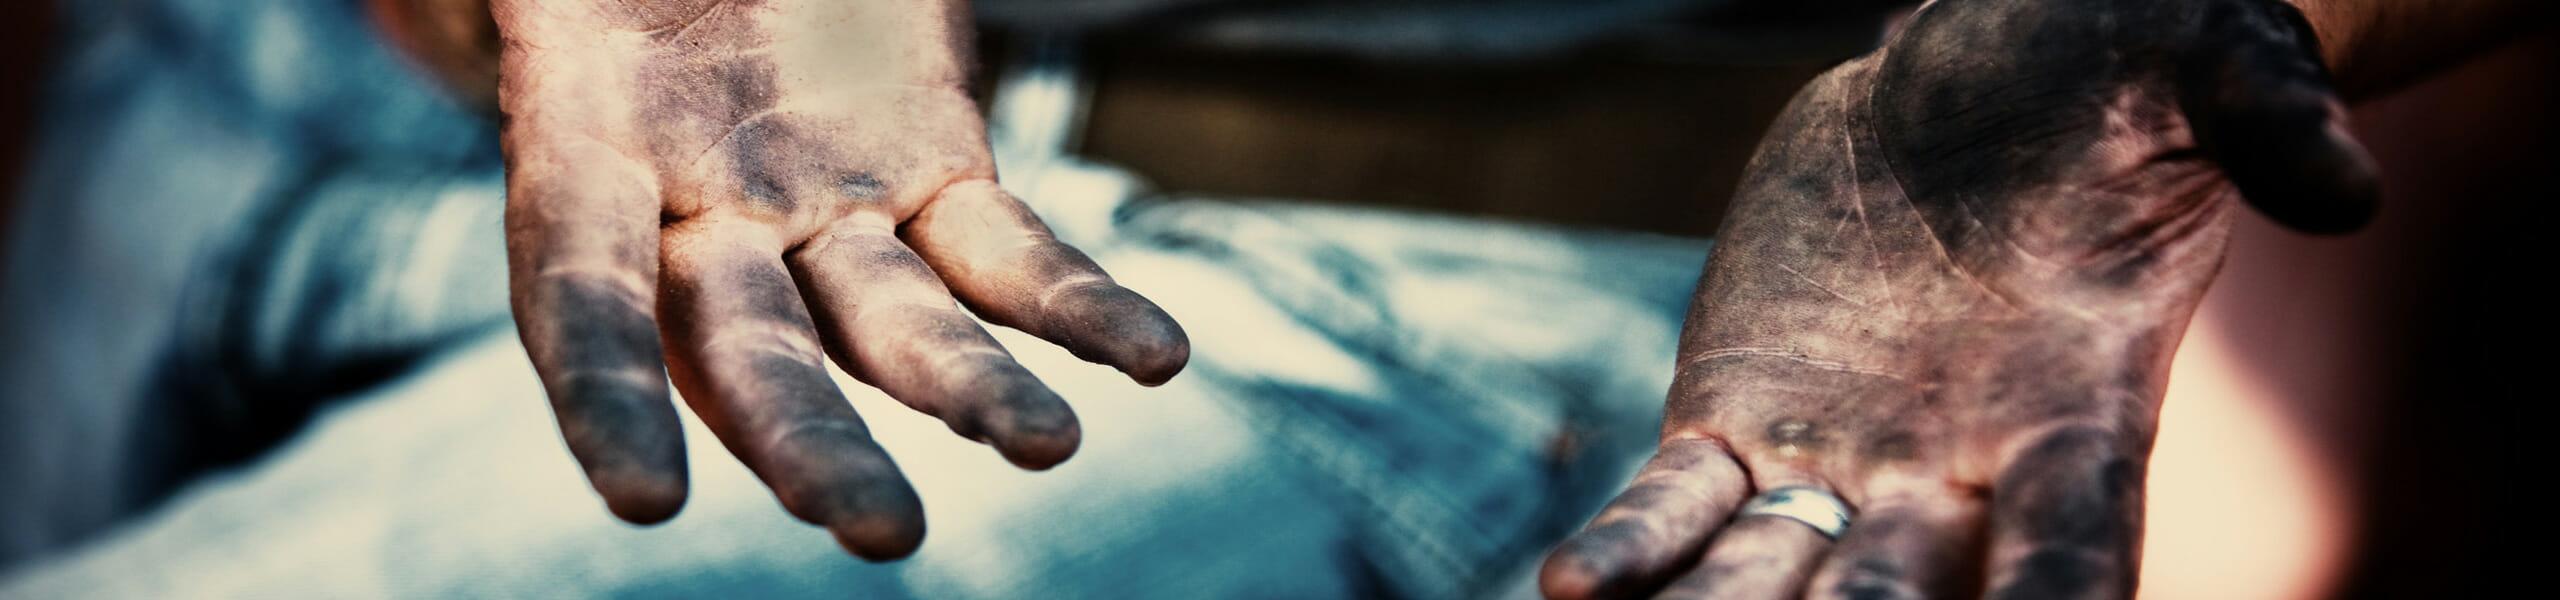 Dieses Foto ist das Titelbild der HelloWorld-Kategorie Engagement und zeigt zwei schmutzige Hände eines Mannes in Jeanshose.